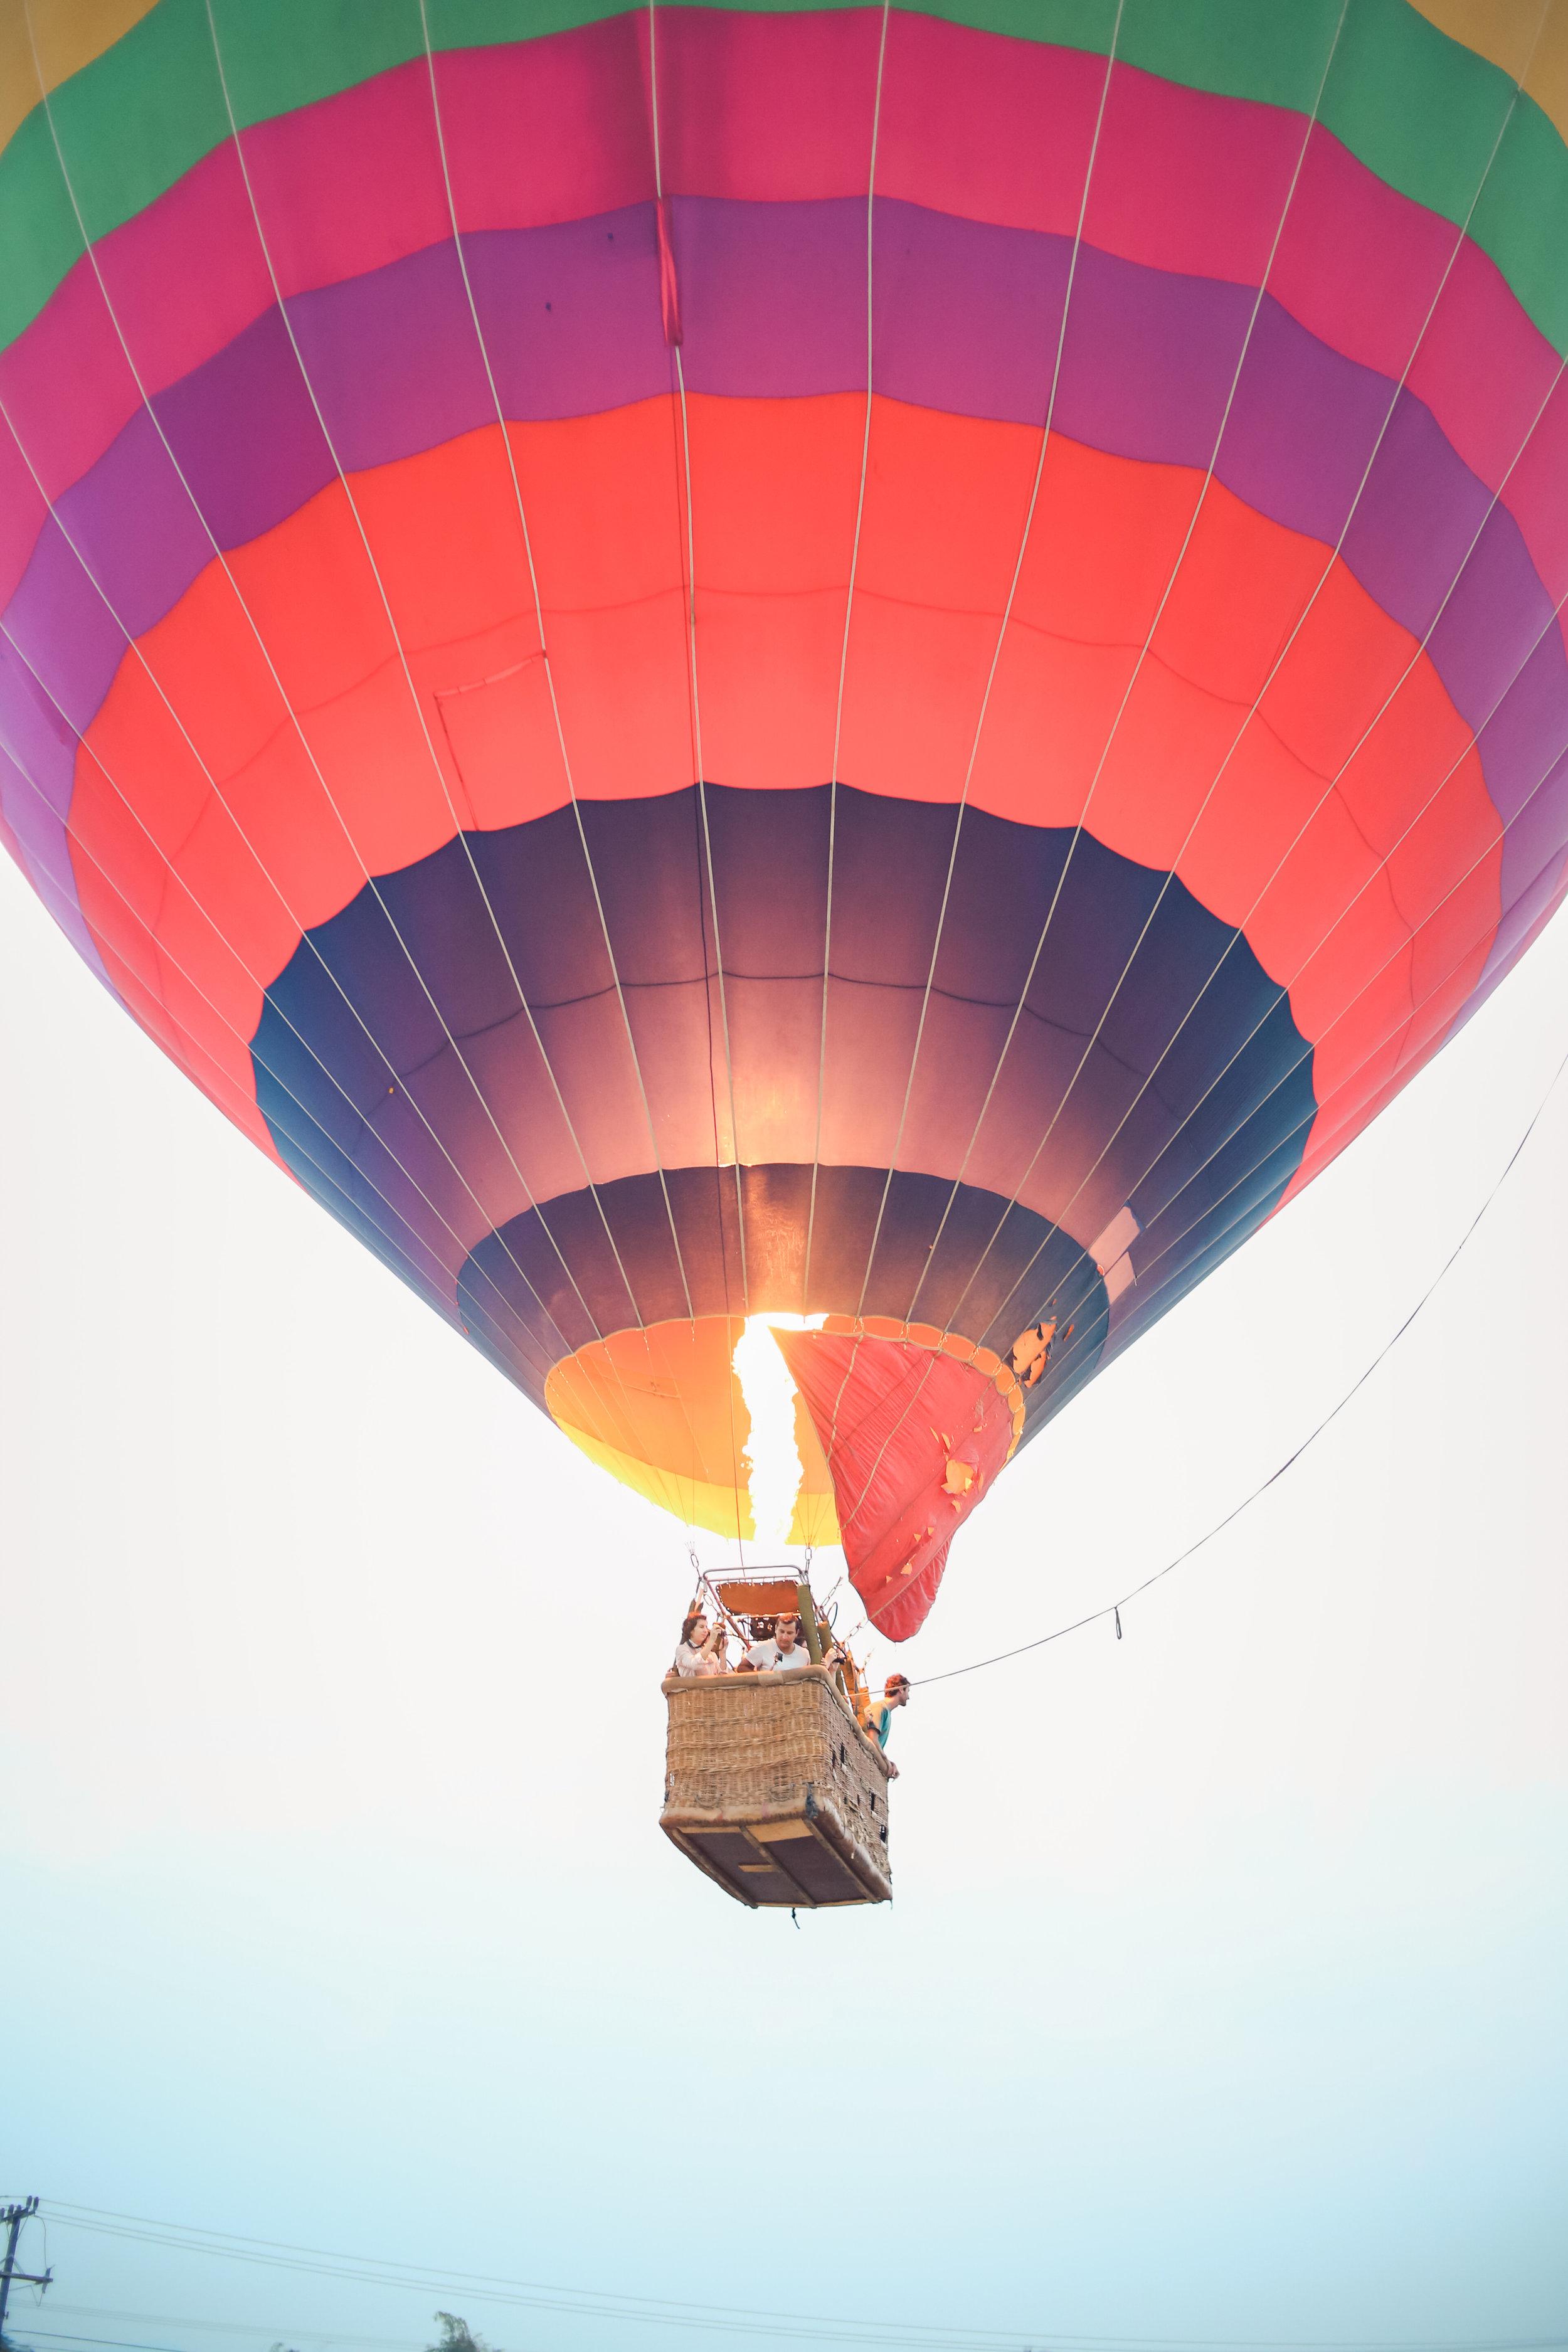 balloon-6.jpg